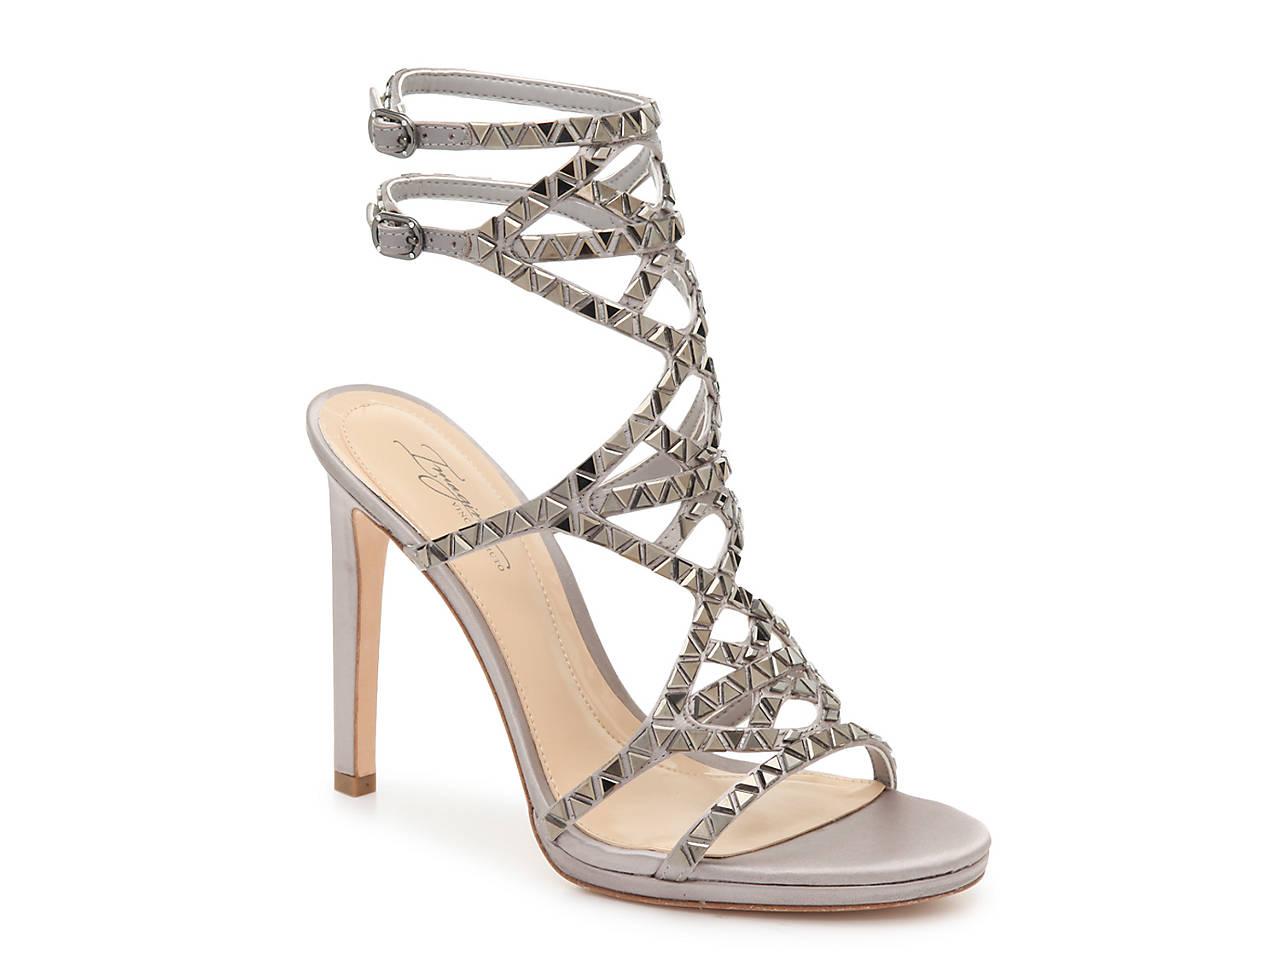 19acf7271640 Imagine Vince Camuto Galvin Sandal Women s Shoes